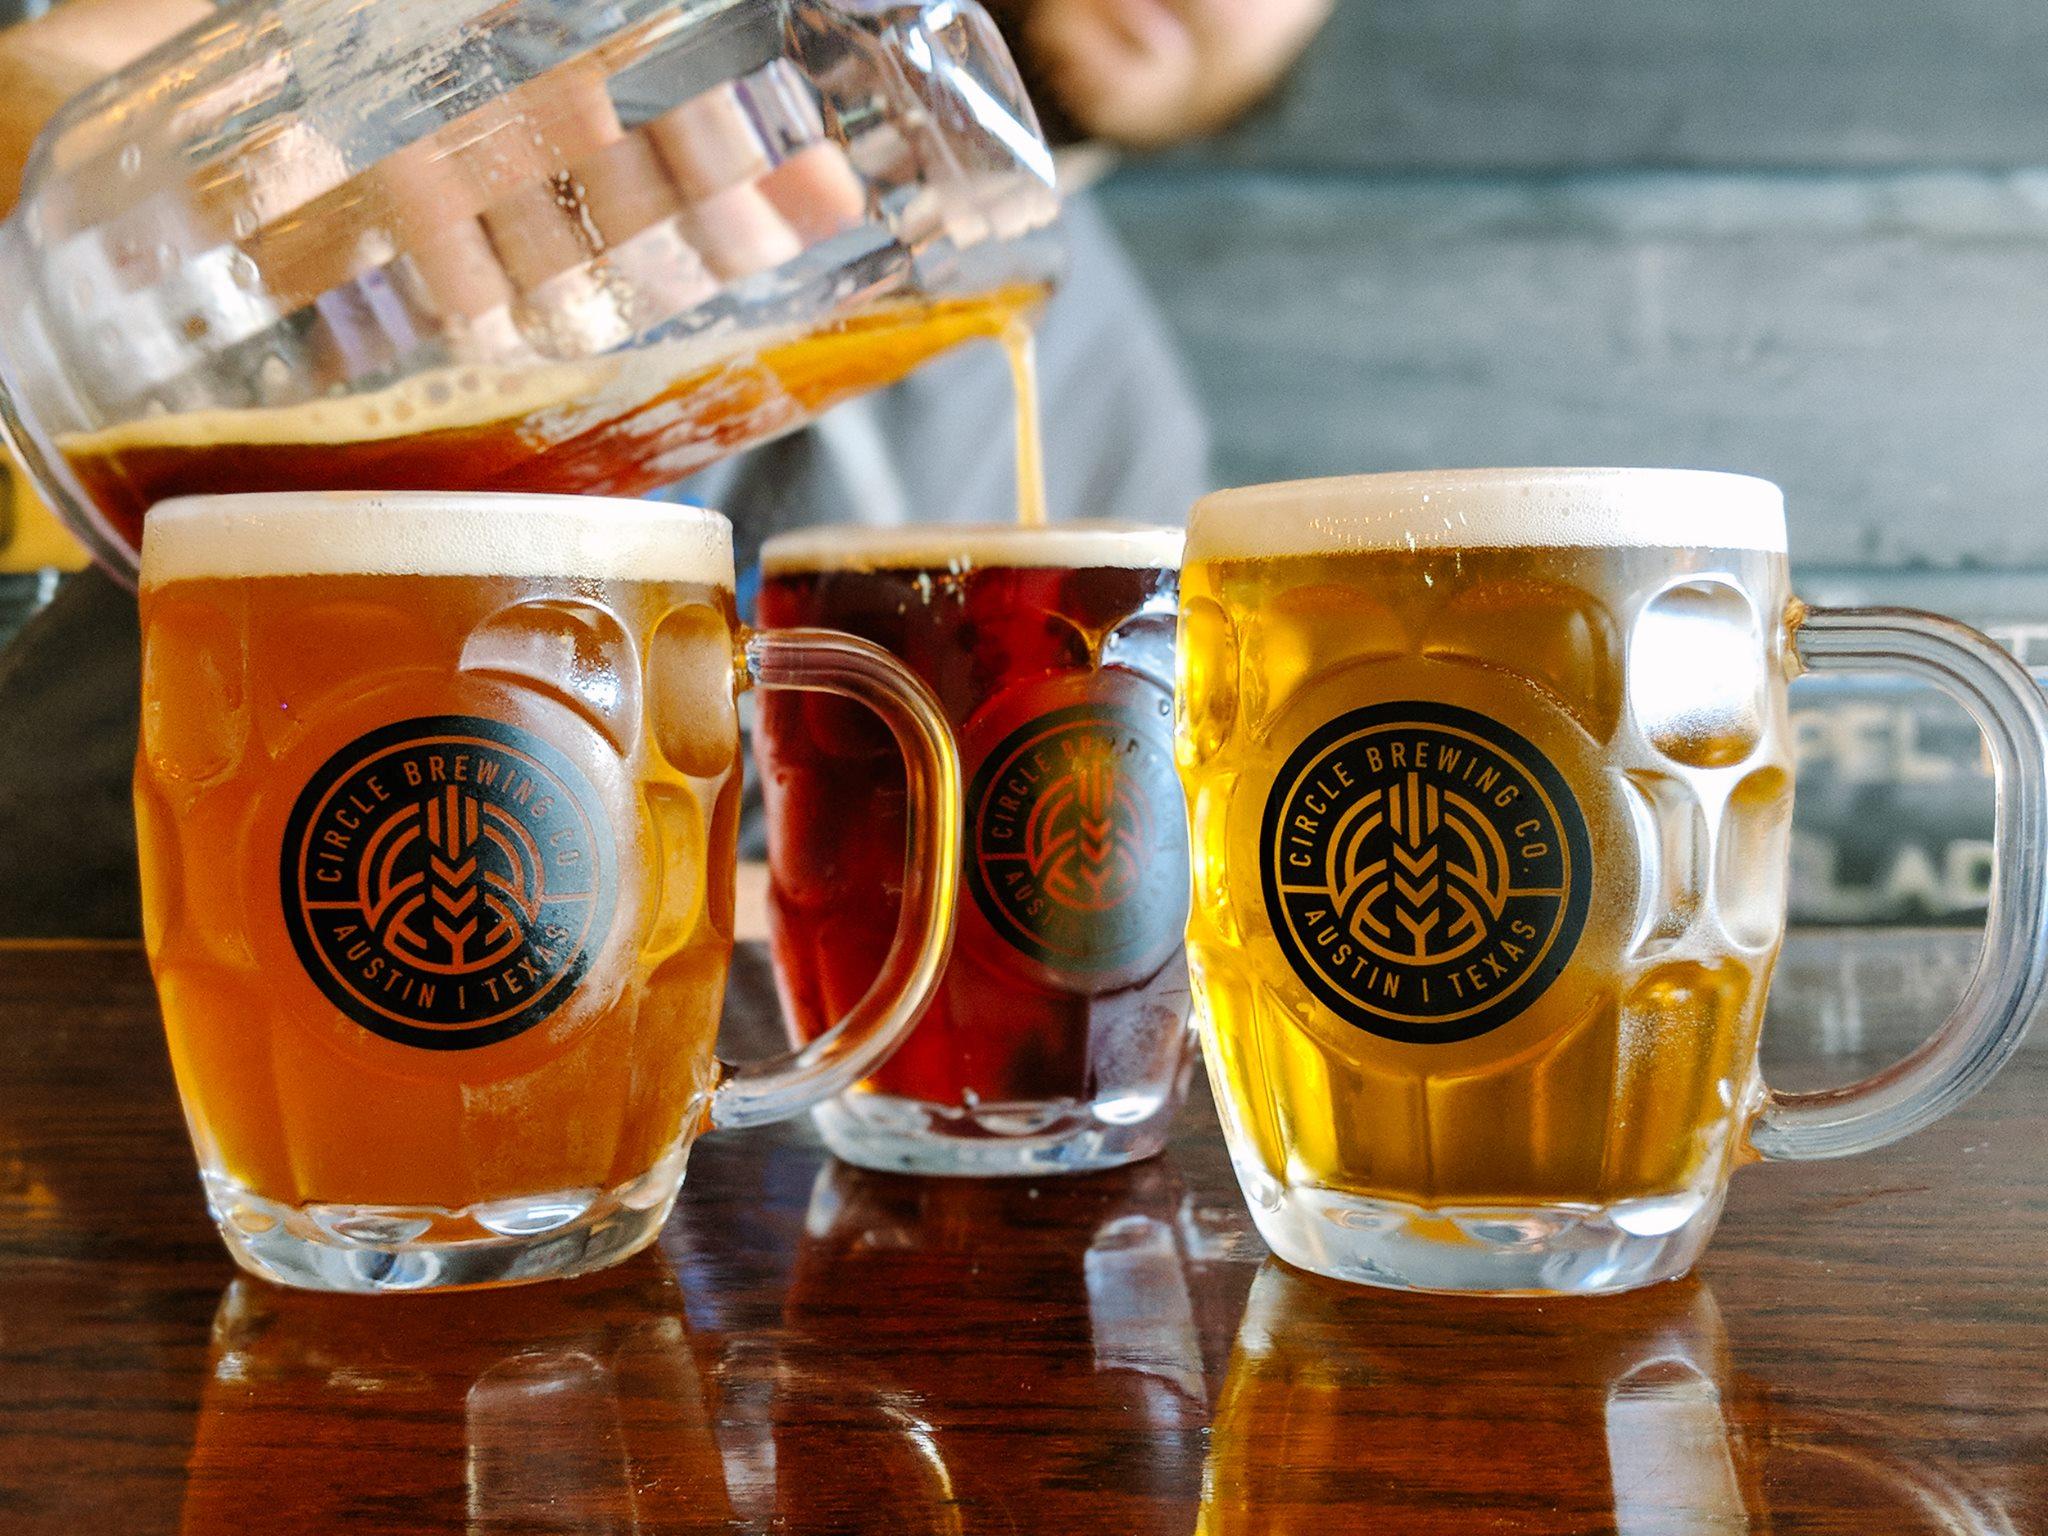 Beers at Circle Brewing Company